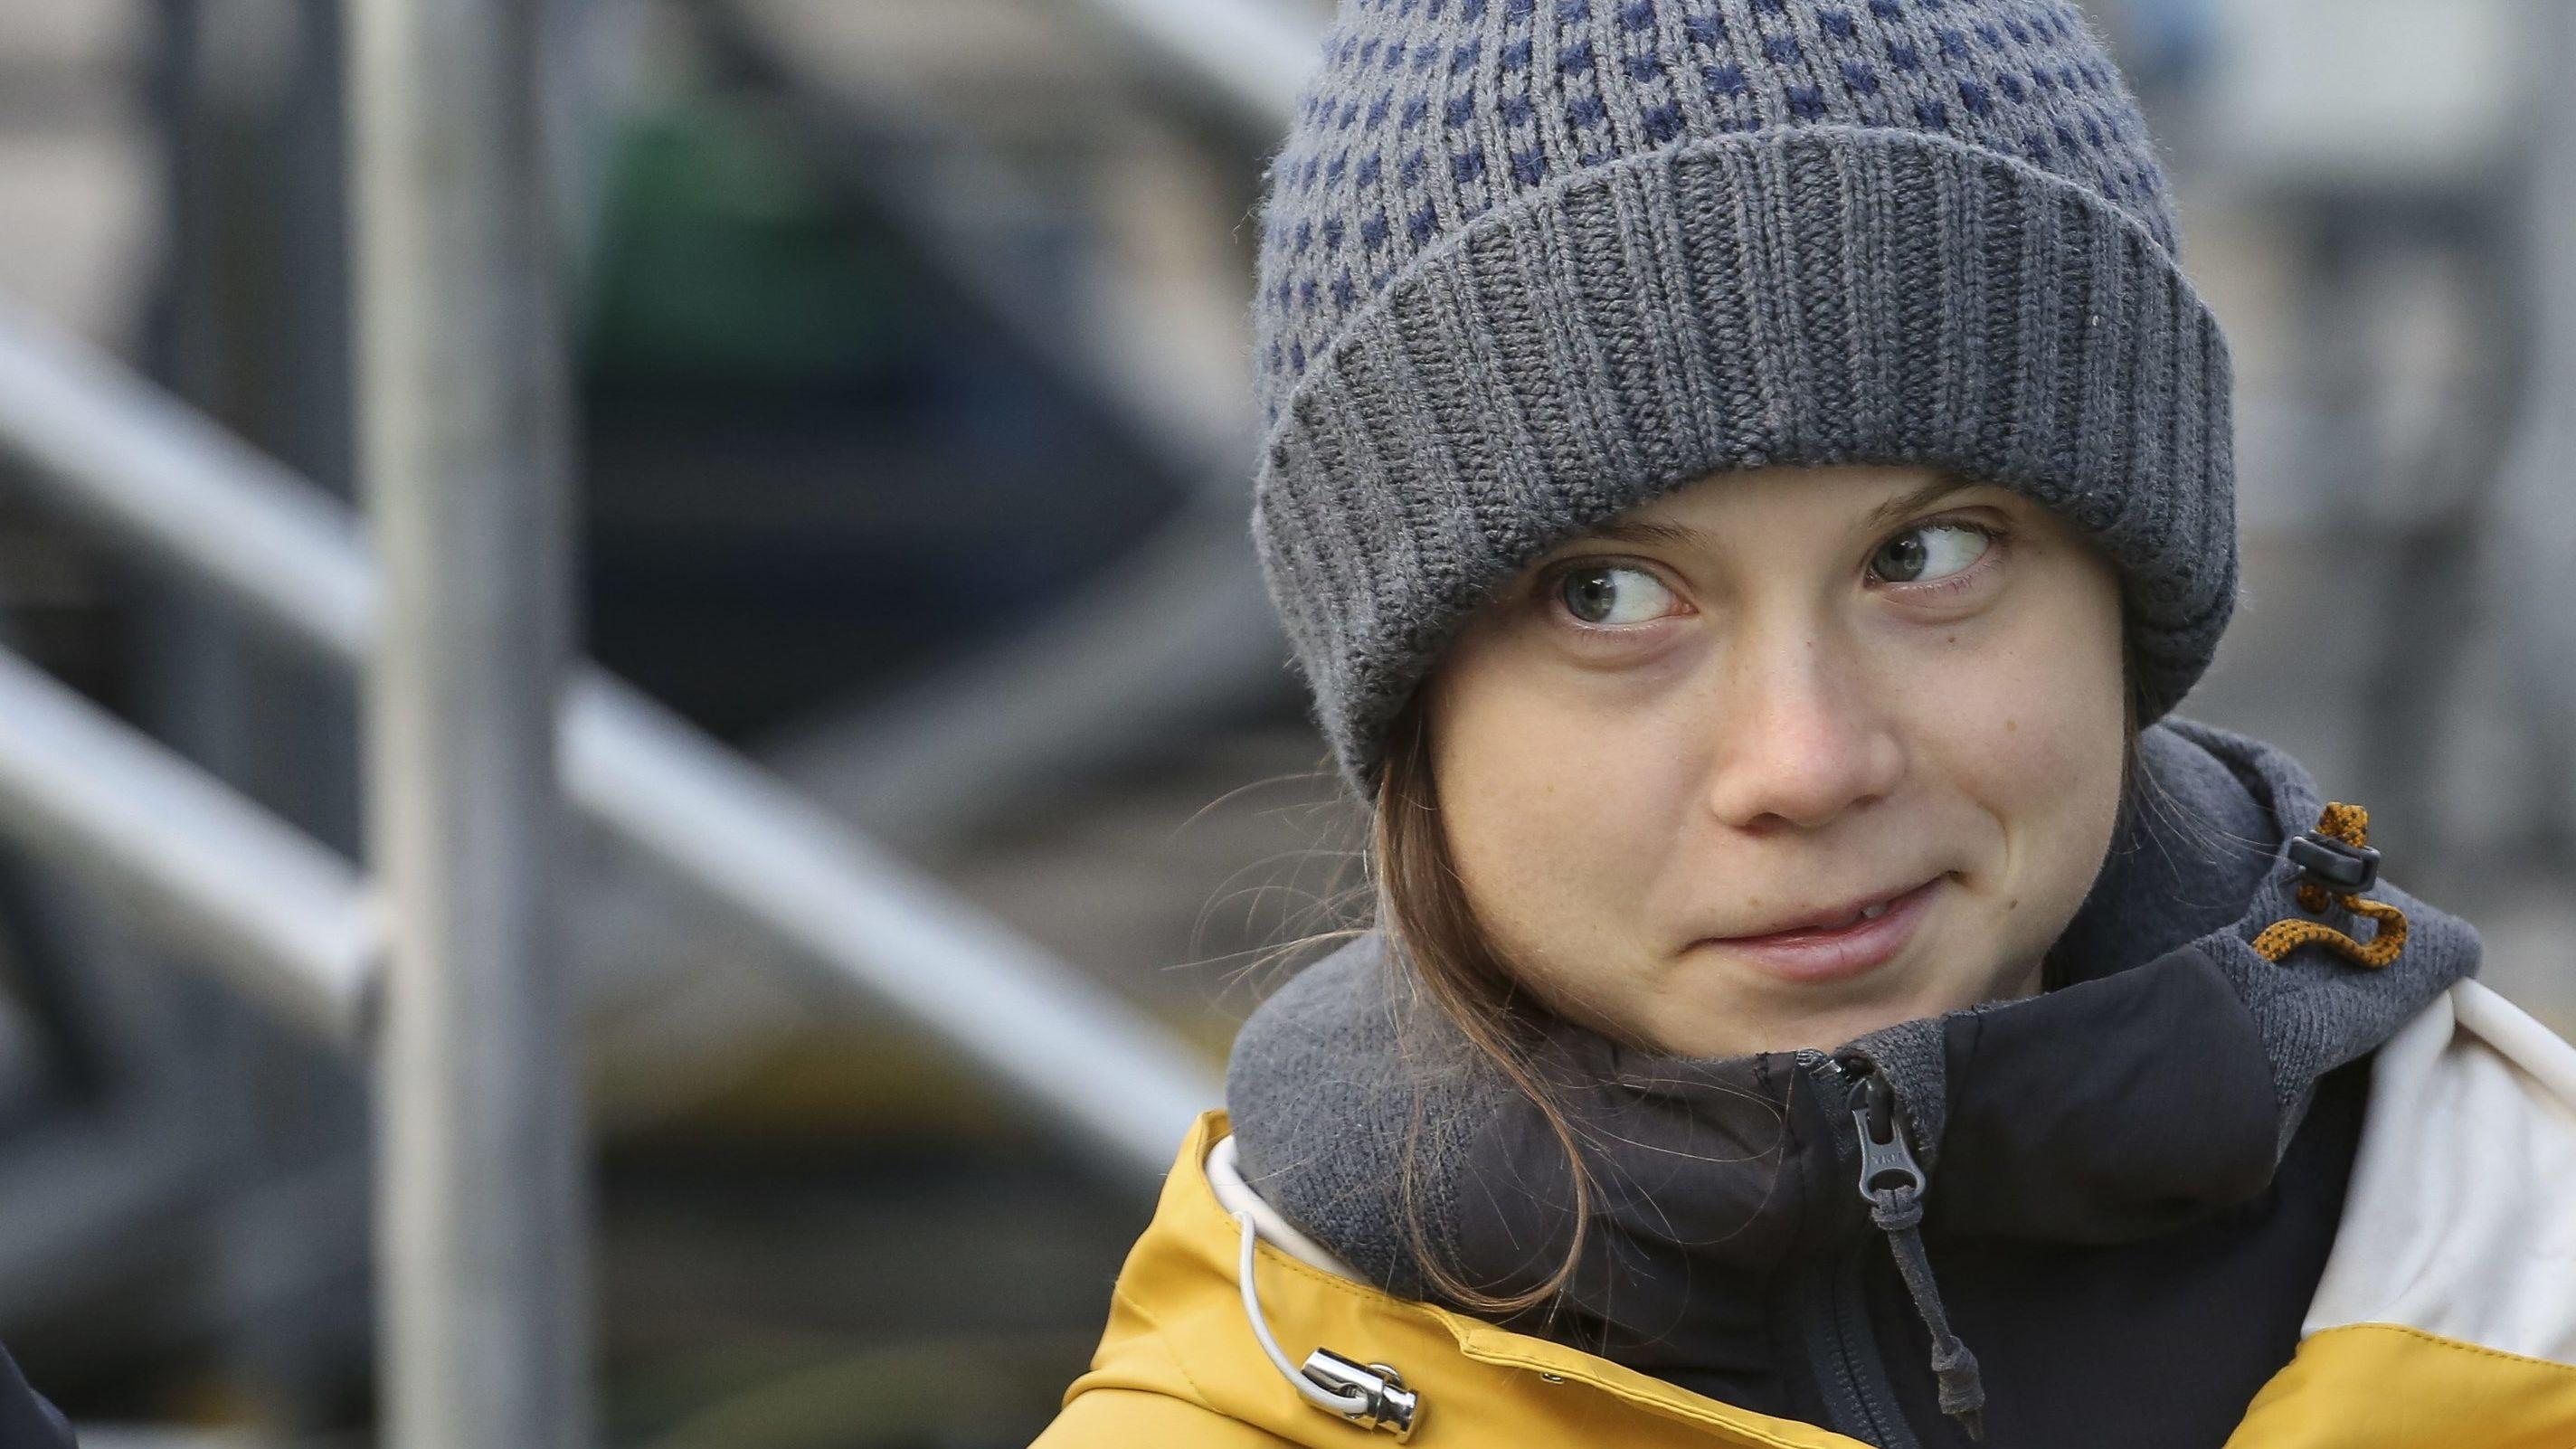 """Demo von """"Fridays for Future"""" in Turin im Dezember 2019: Greta Thunberg blickt, mit gelbem Regenmantel und grauer Mütze, spöttisch lächelnd zur Seite"""